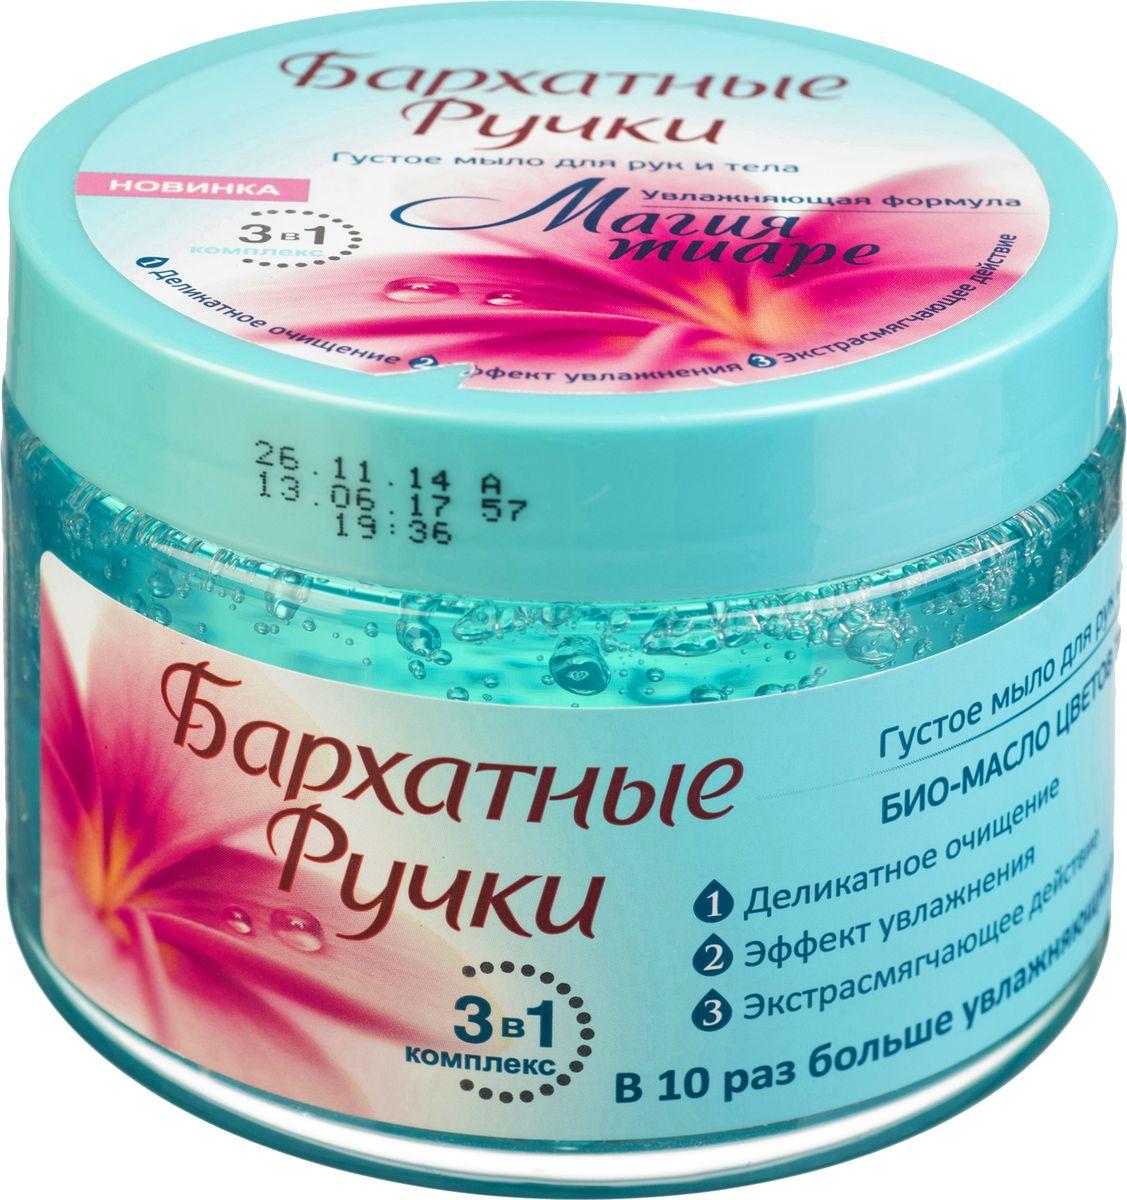 Бархатные Ручки Густое мыло Магия тиаре 400 млMP59.4DНежное густое мыло с освежающим ароматом деликатно очищает и оживляет сухую обезвоженную кожу. Мягкая ухаживающая формула содержит в 10 раз больше увлажняющих компонентов чем обычное мыло*, обеспечивает экстрасмягчающее действие и дарит непревзойденную нежность прикосновения.1. Деликатное очищение2. Эффект увлажнения3. Экстрасмягчающее действие*Указанные свойства подтверждены потребительским тестированием, 39 женщин, Россия, 2014 гОказывает экстрасмягчающее действие в комплексе с кремом для рук Бархатные ручки Магия тиаре.*По сравнению с жидким мылом для рук ООО Концерн Калина